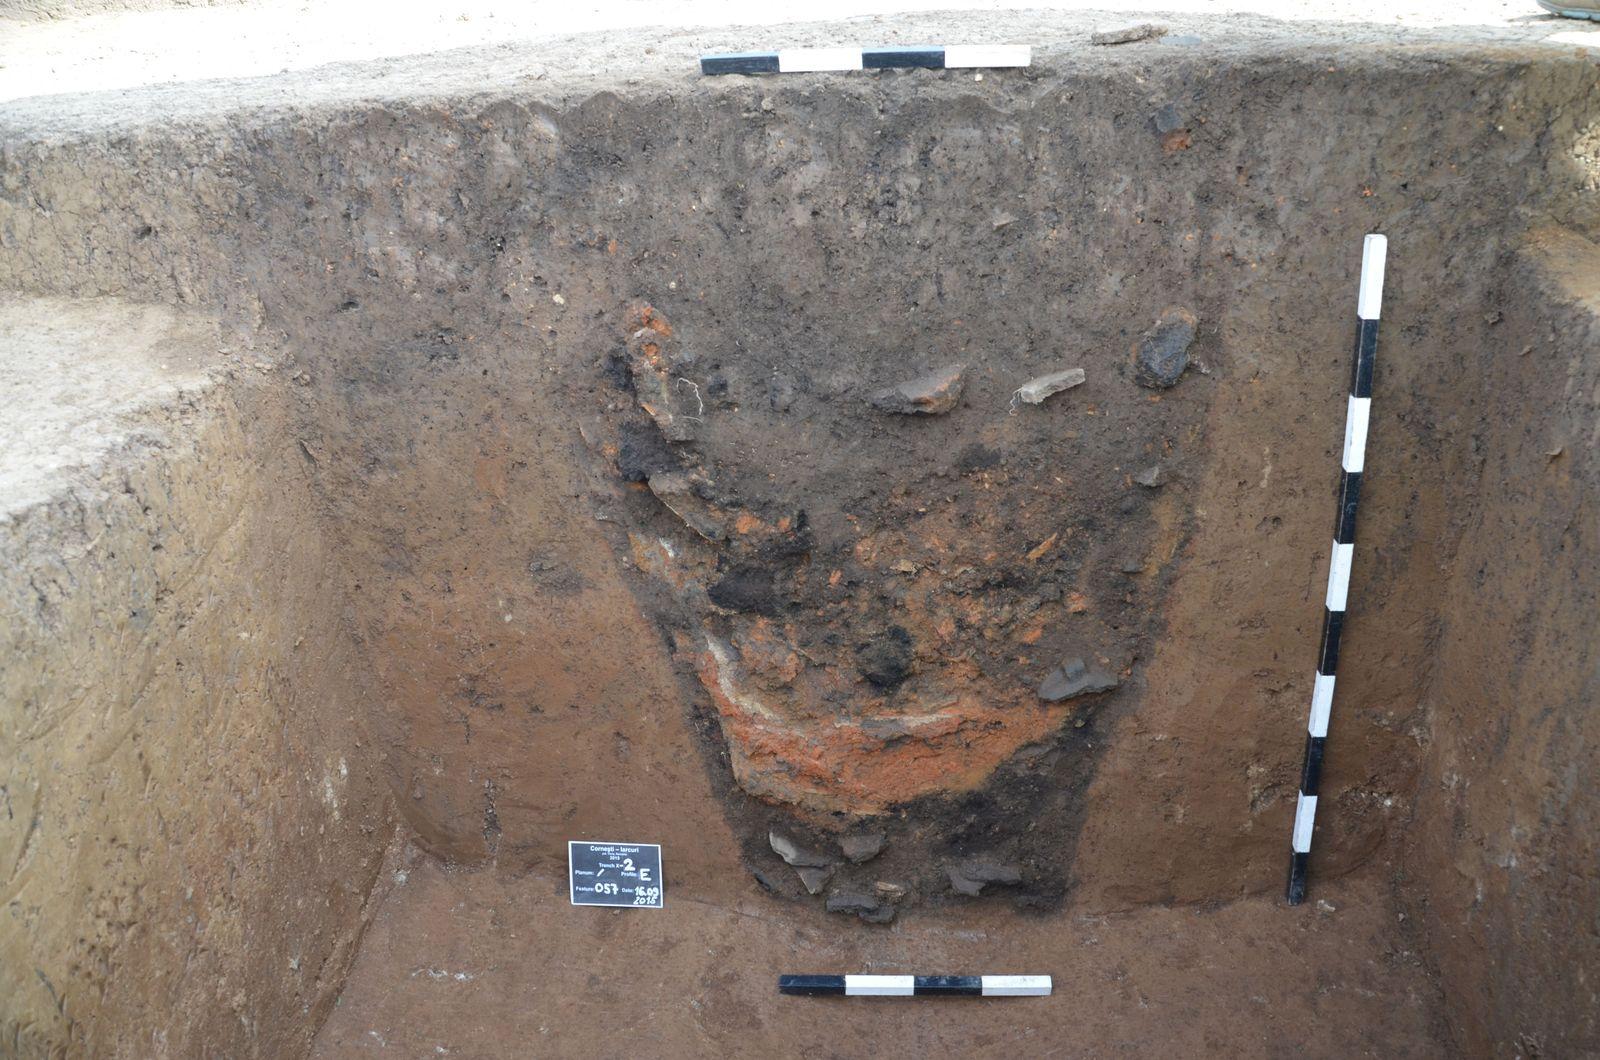 Oft sind prähistorische Bauten, Pfostenlöcher oder Anlagen nur noch als Verfärbungen des Erdreichs erkennbar, so wie in diesem Grubenprofil. Foto: Bernhard Heeb